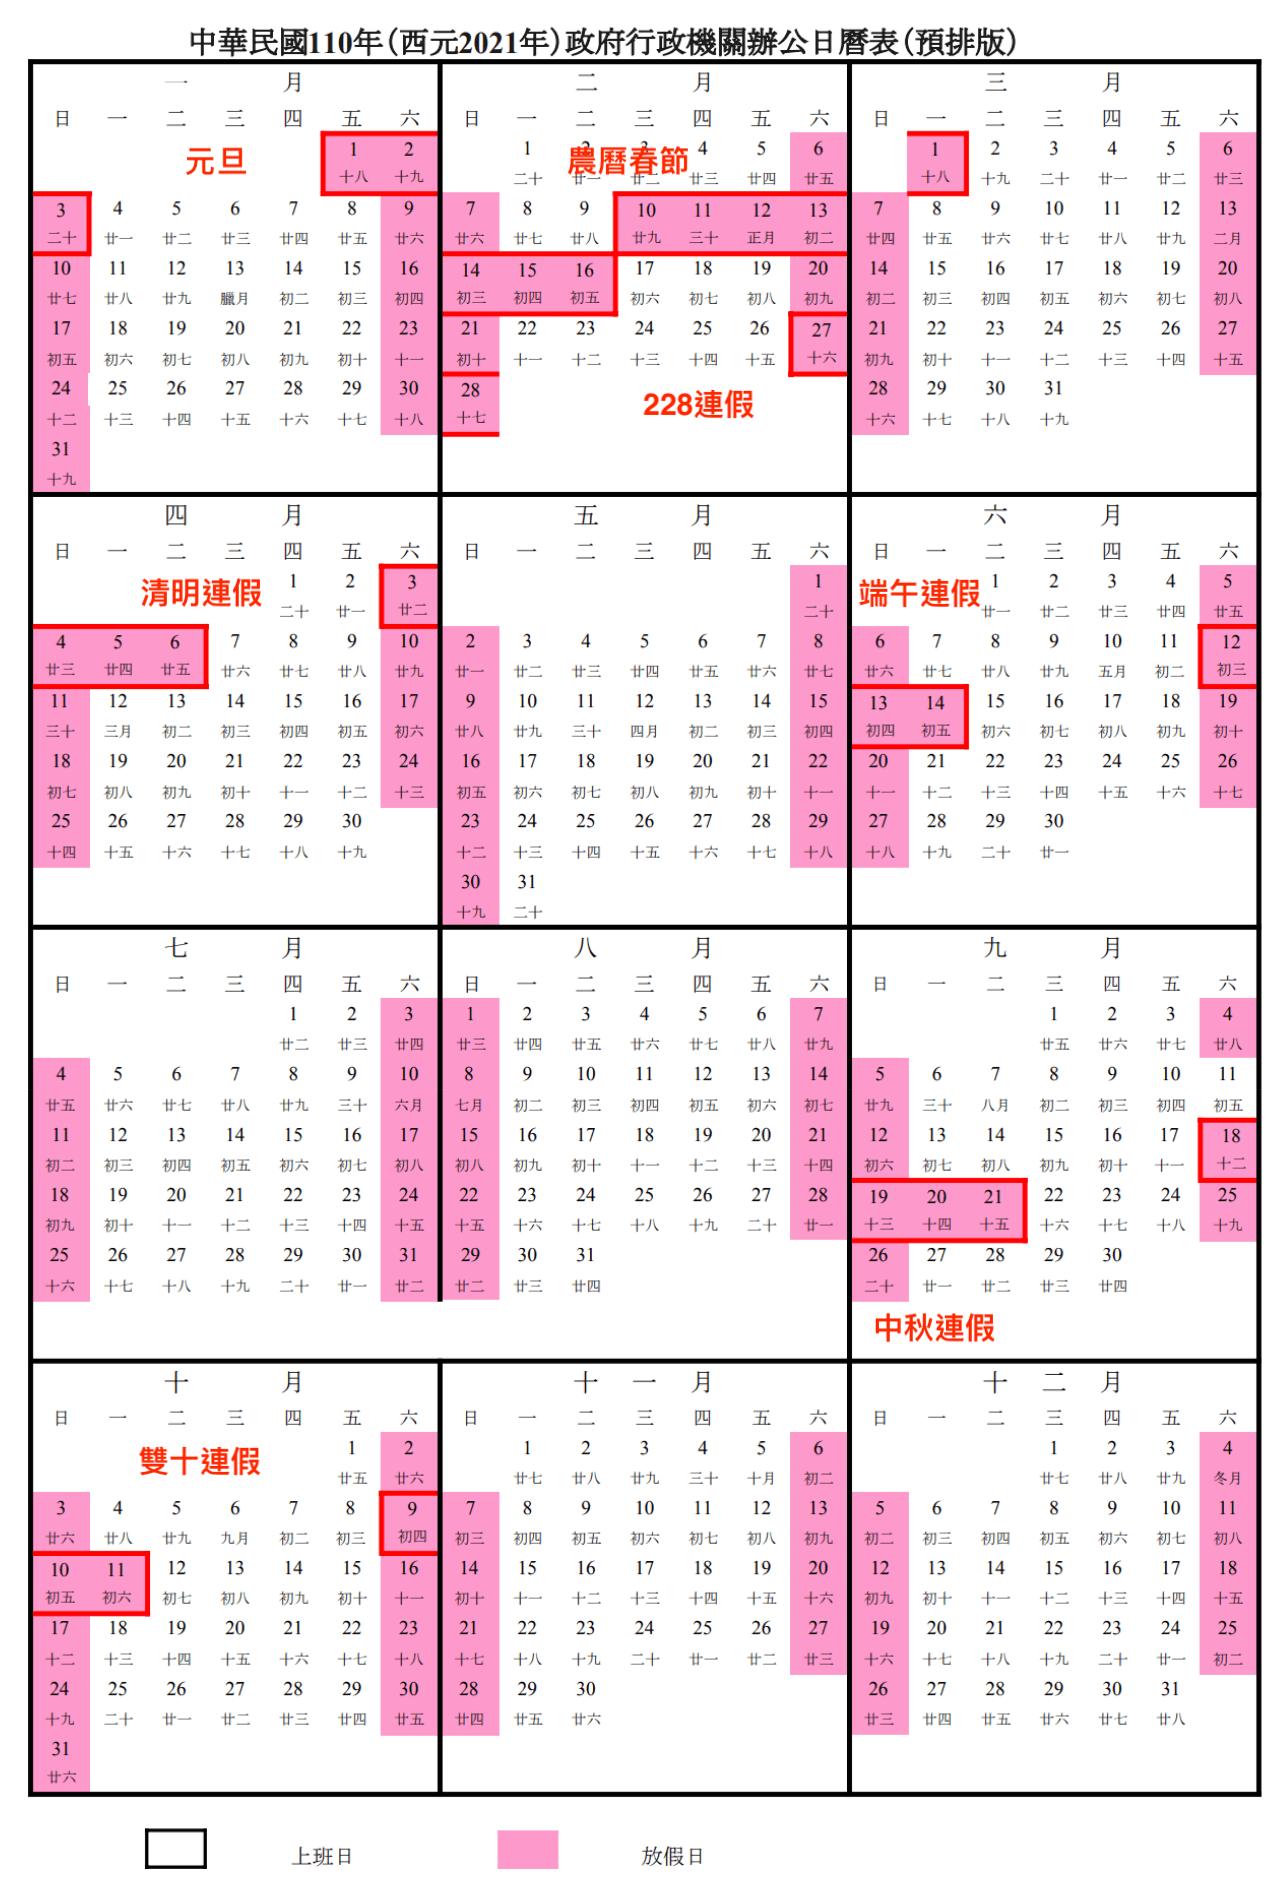 2021行事曆, 人事行政局, 110年行事曆